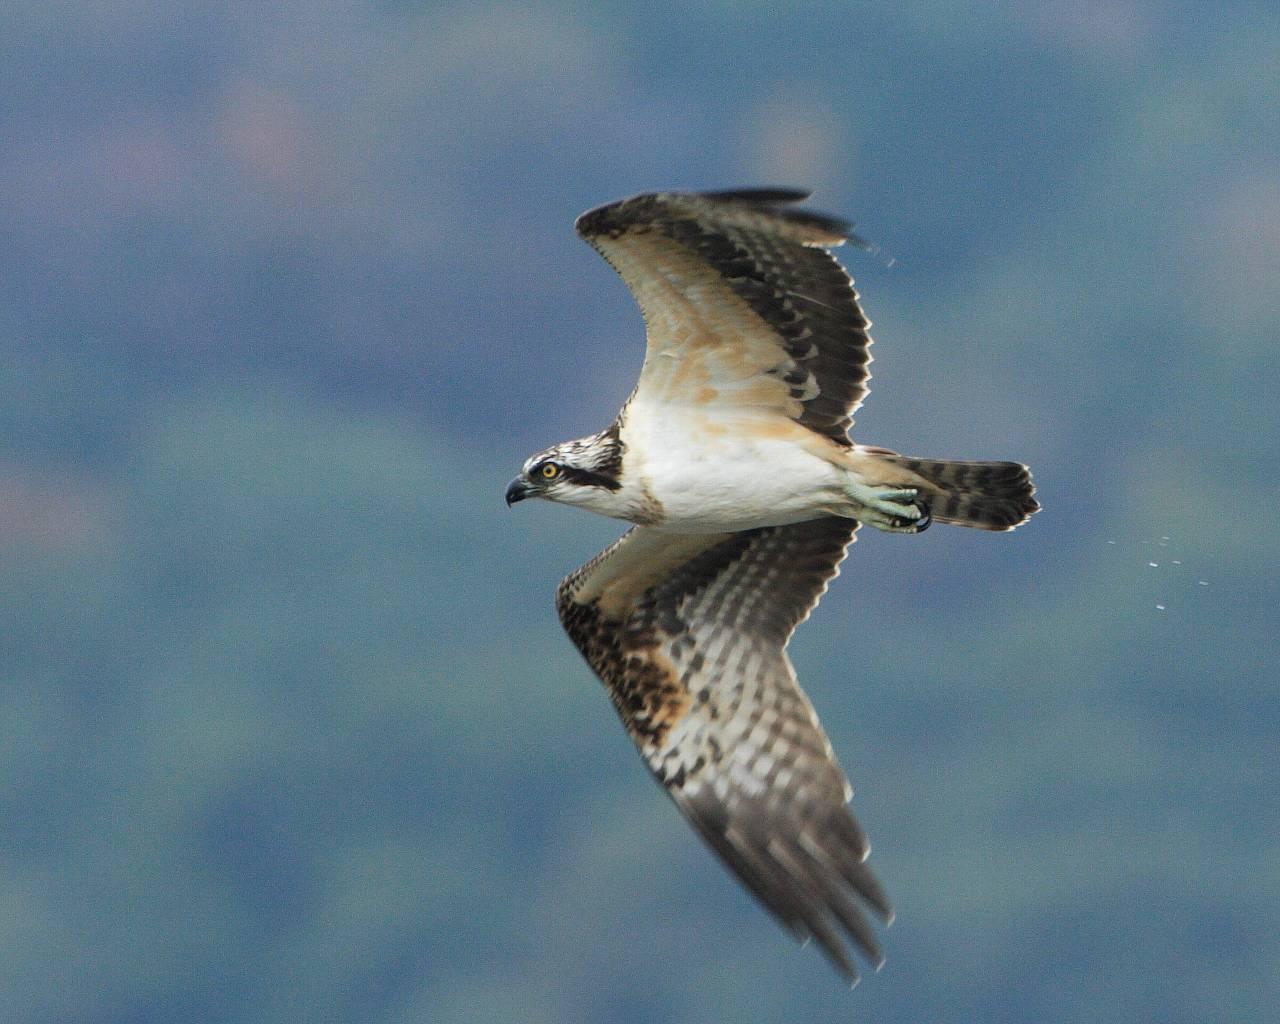 ミサゴの飛翔をアップで(精悍な猛禽の画面一杯の飛翔シーンの壁紙)_f0105570_21315219.jpg